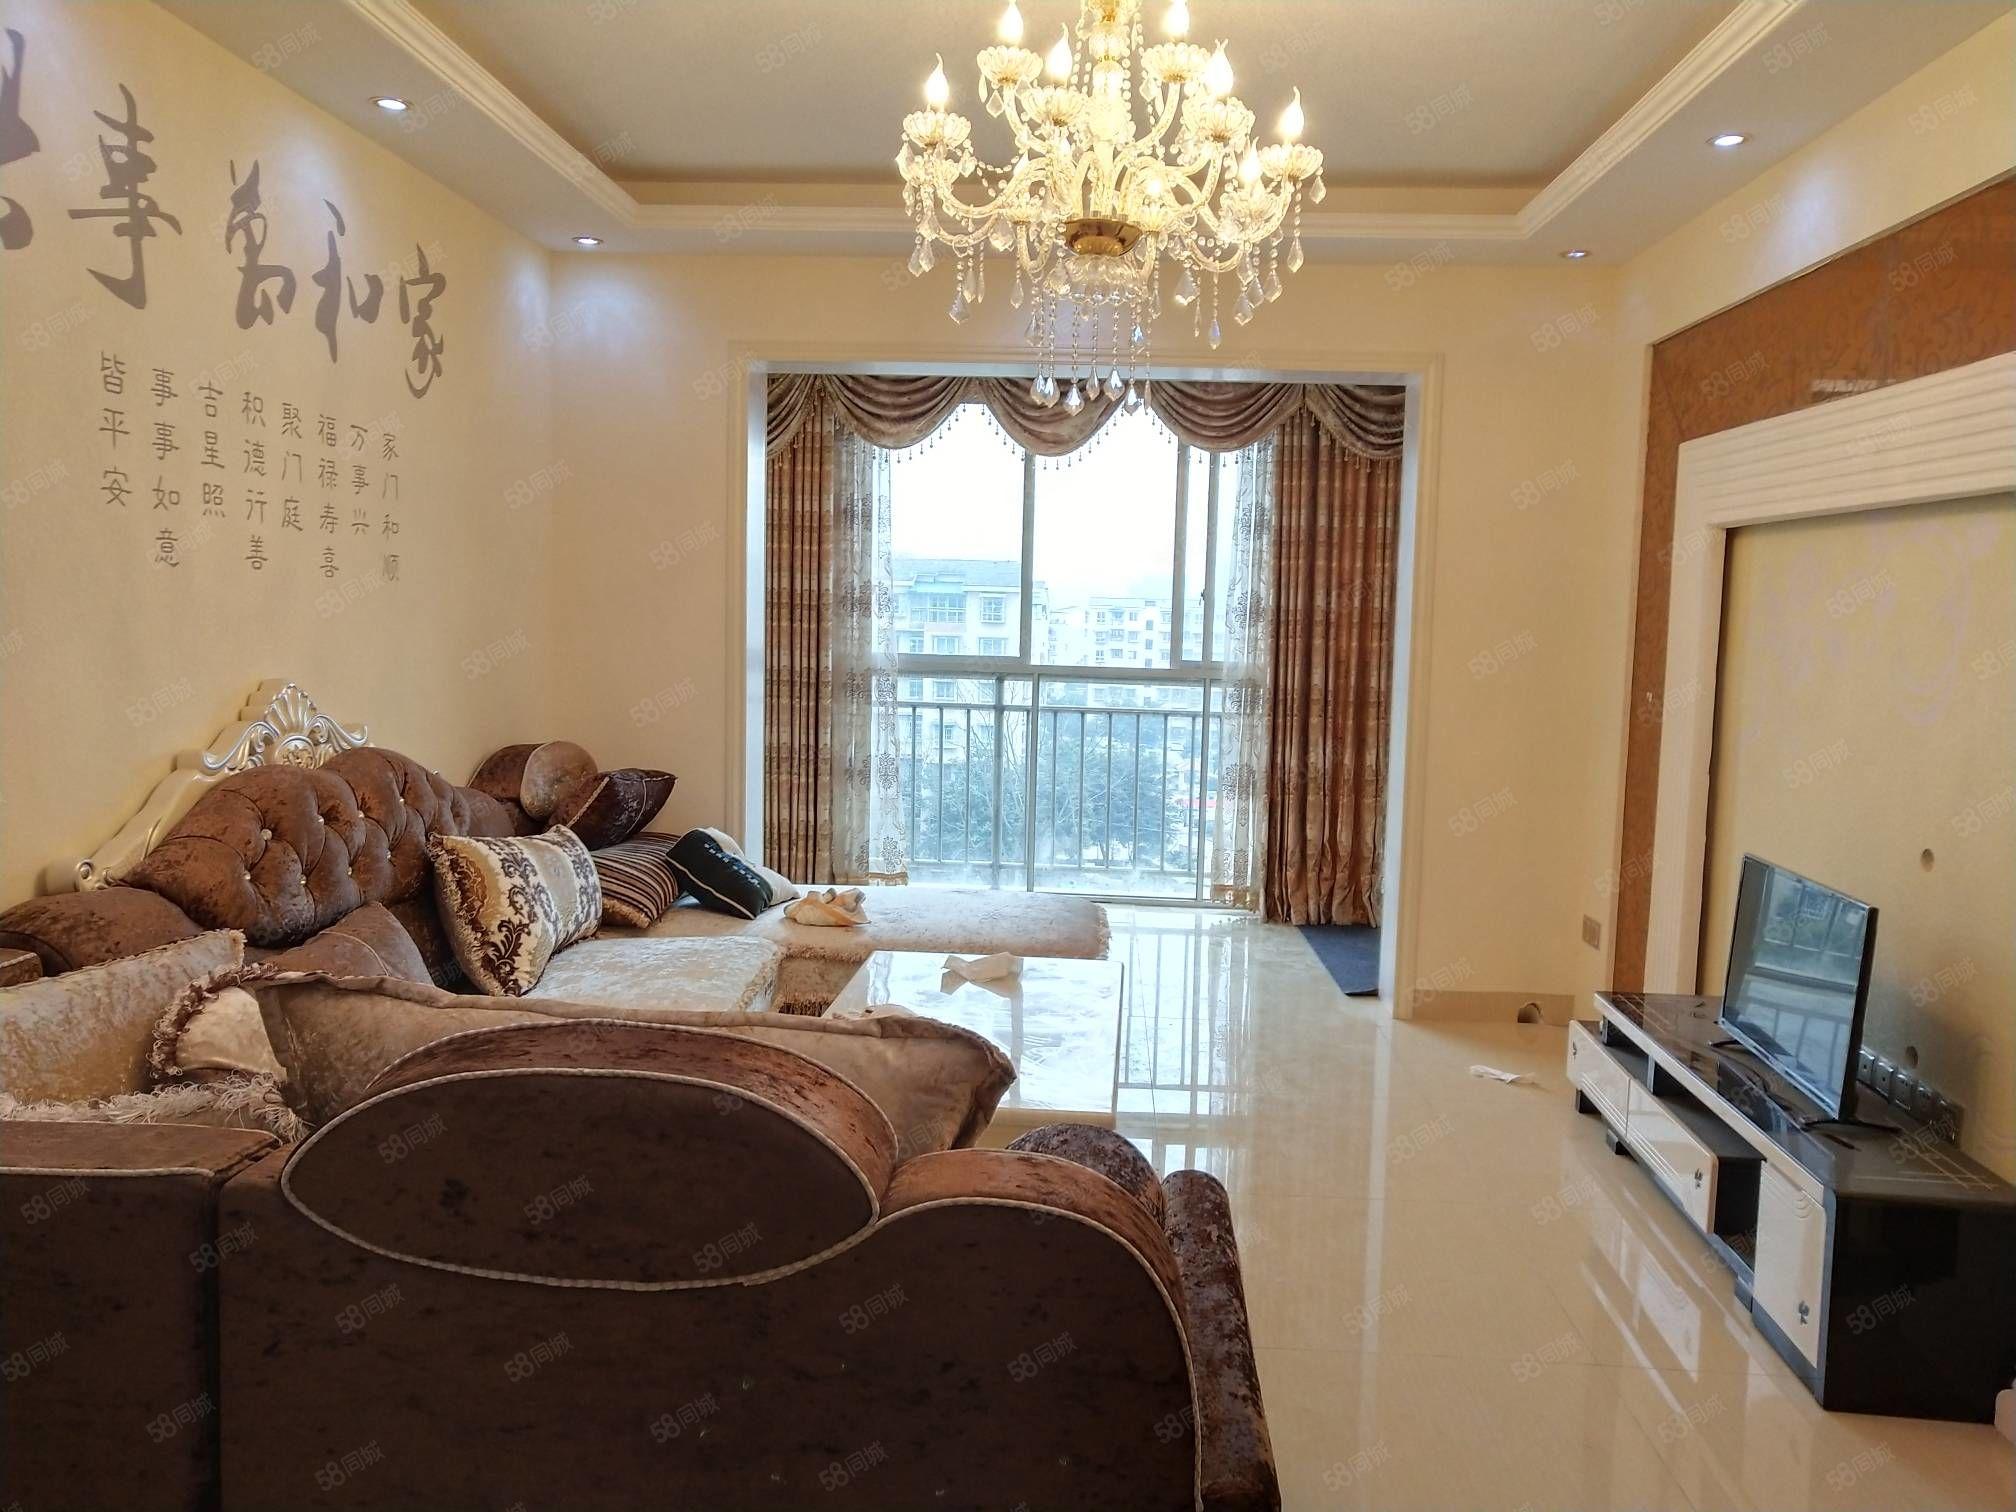 琼江明珠现浇房5楼,套三精装,家具家电齐全拎包入住可按揭